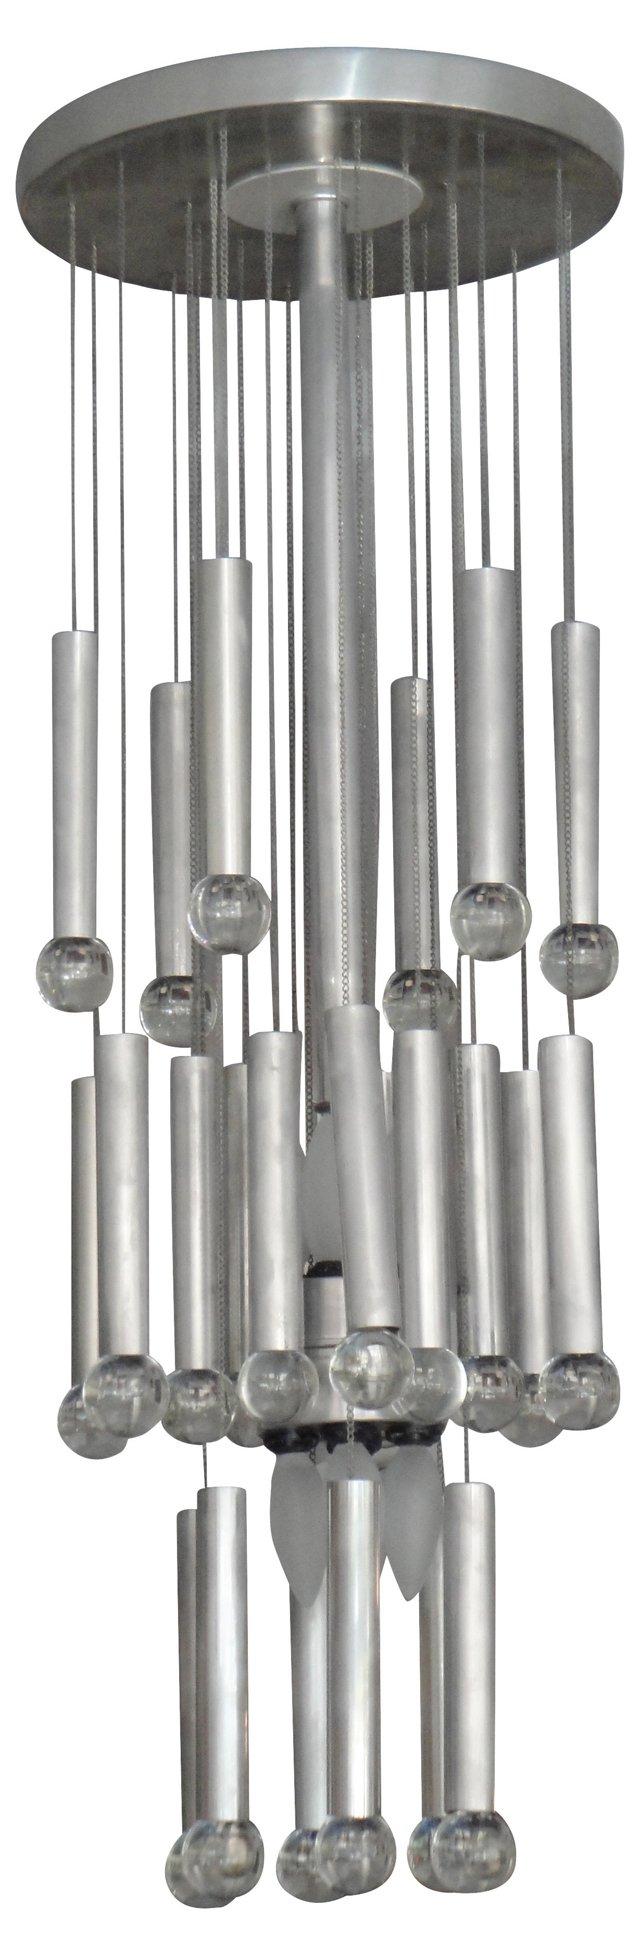 Sciolari Aluminum & Glass Chandelier